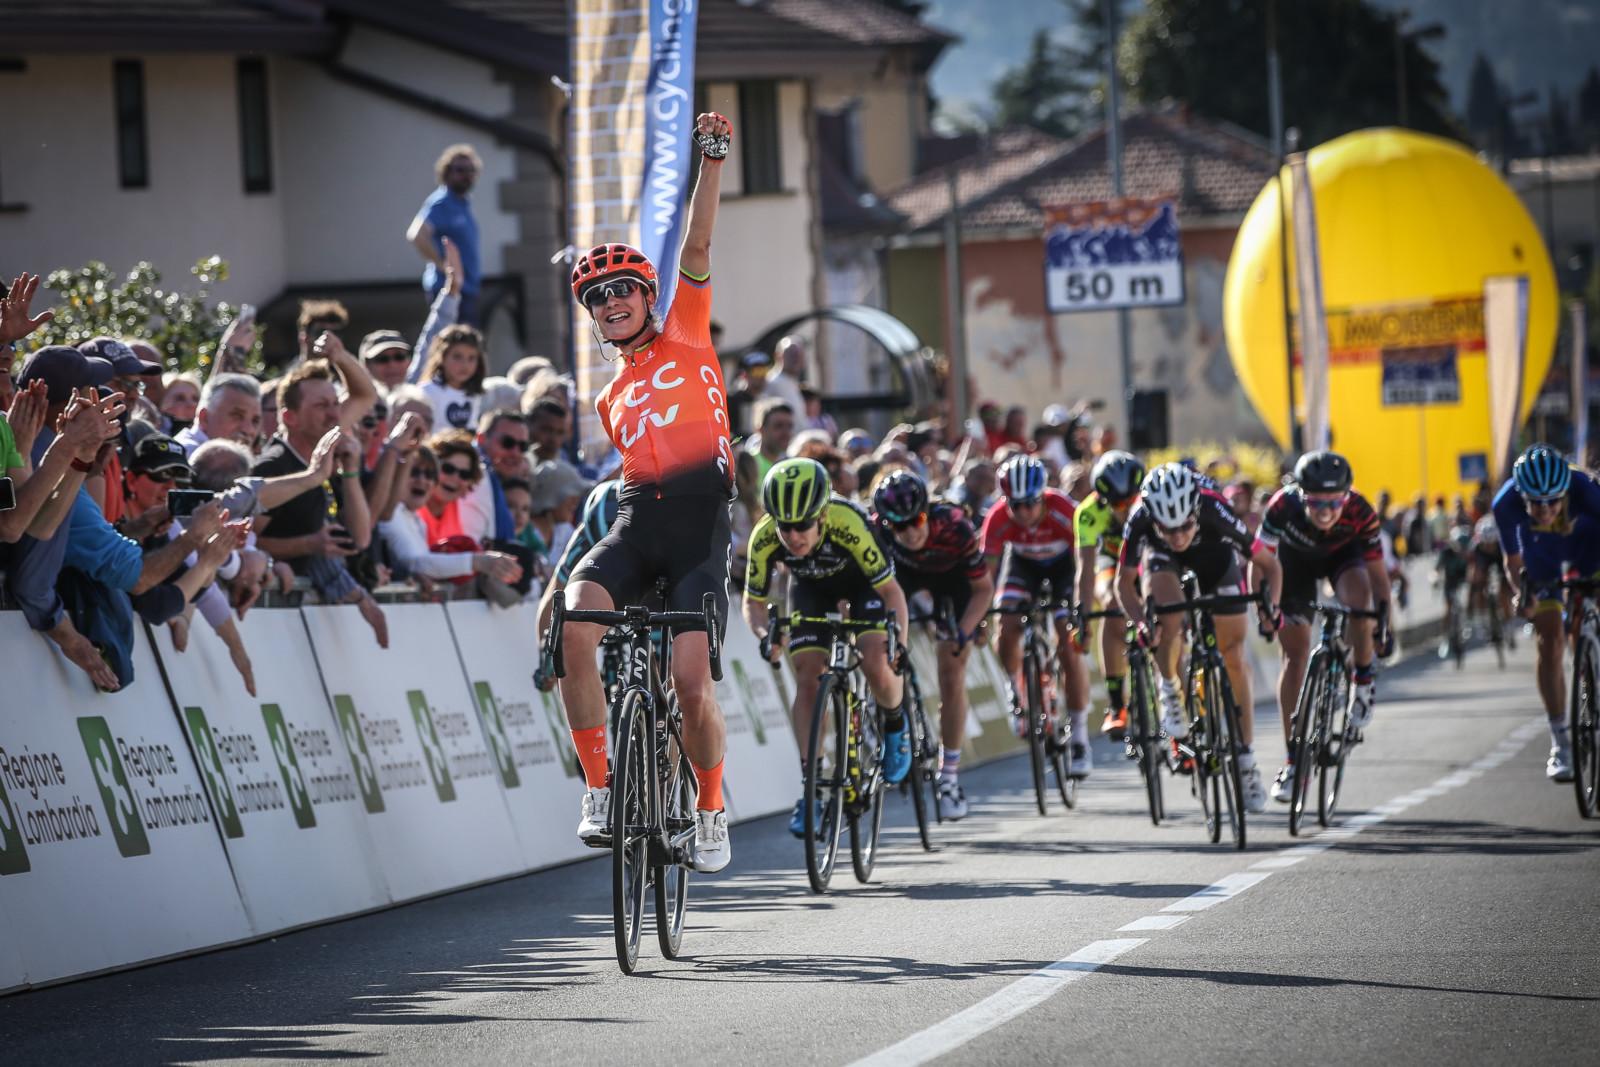 Ciclismo 2020 Calendario.Ufficializzato Con Largo Anticipo Il Calendario Del World